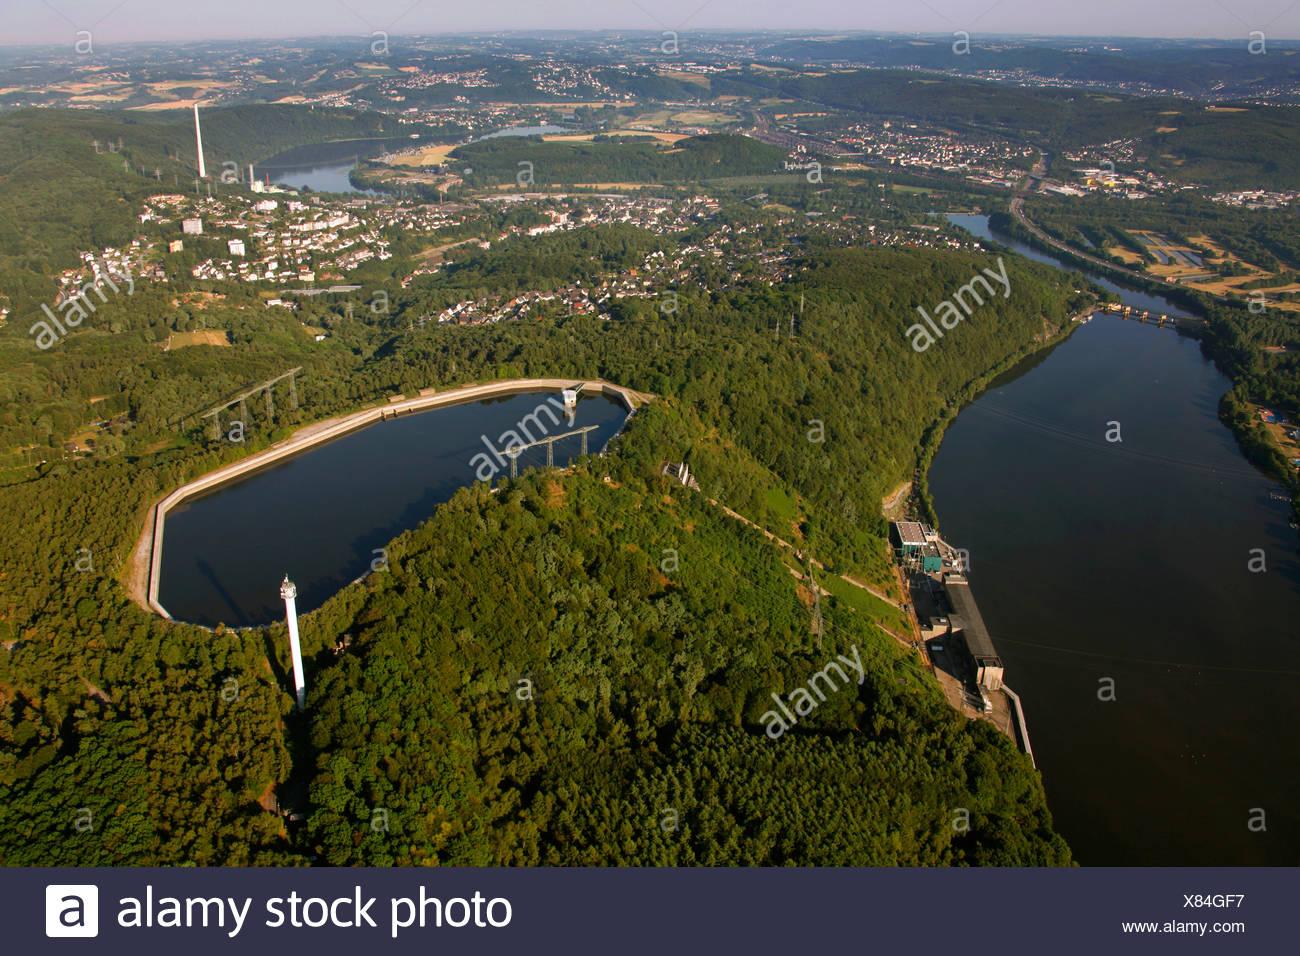 Luftaufnahme, Koepchenwerk Pumpspeicher-Kraftwerk mit Stauseen im Besitz von RWE, ein Deutscher Elektrizitätswerke, Ruhr river Stockbild